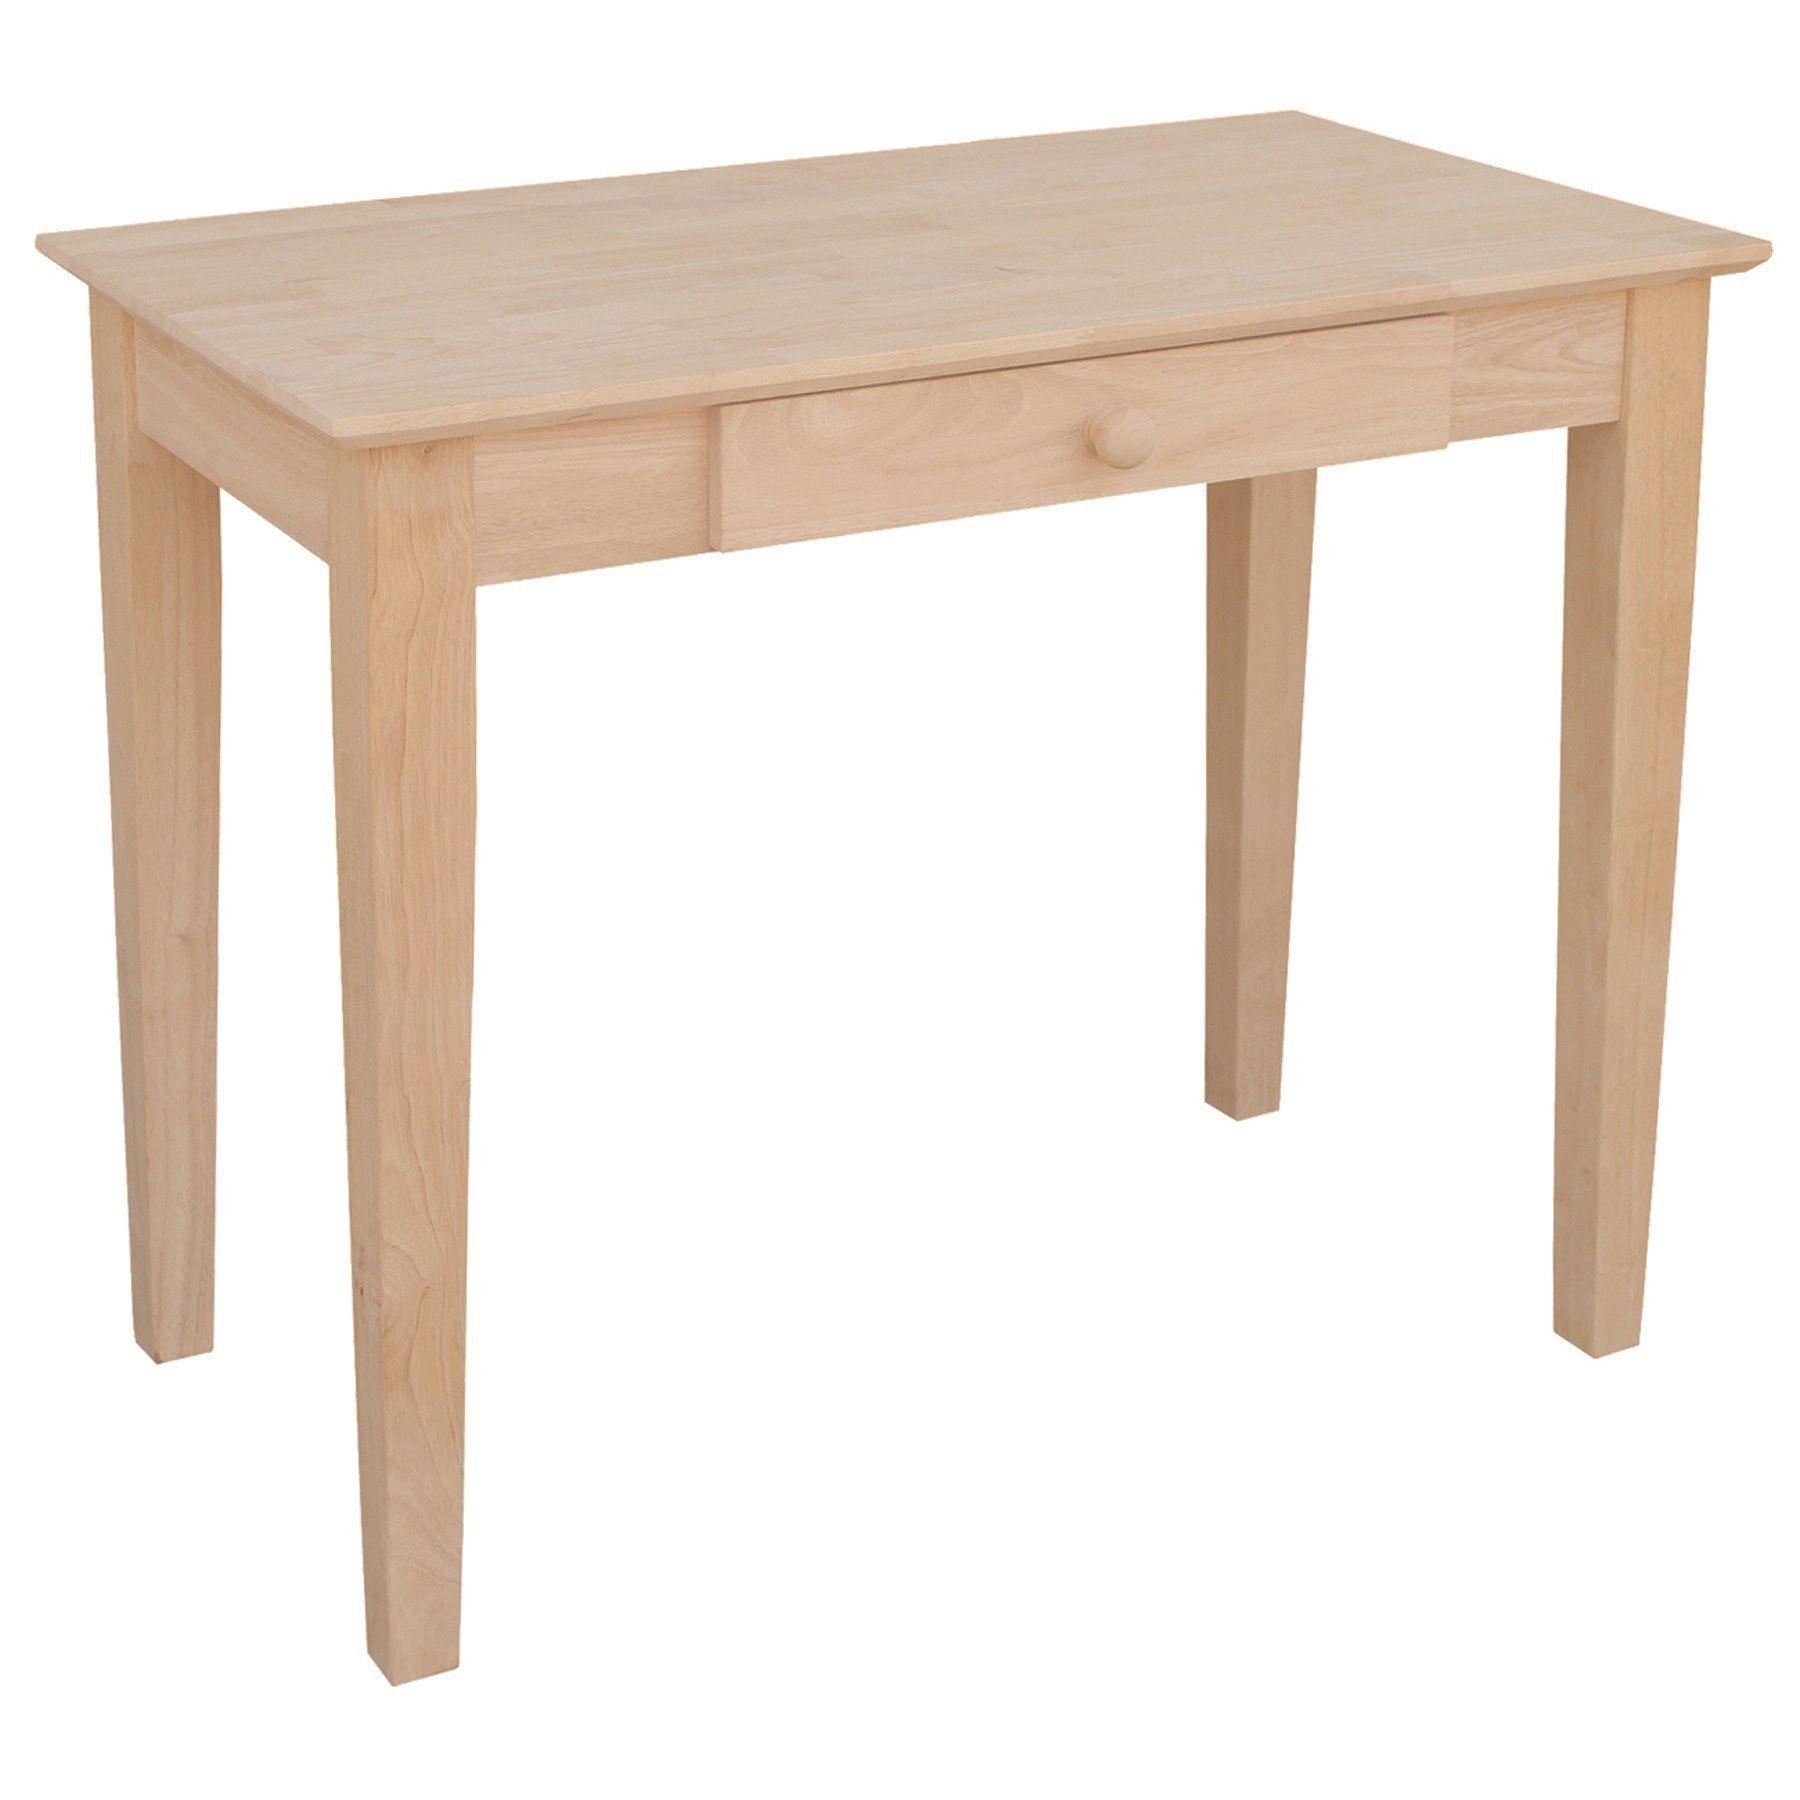 Hardwood Student Desk 36 Finished Options Unfinished Furniture Student Desks Small Writing Desk